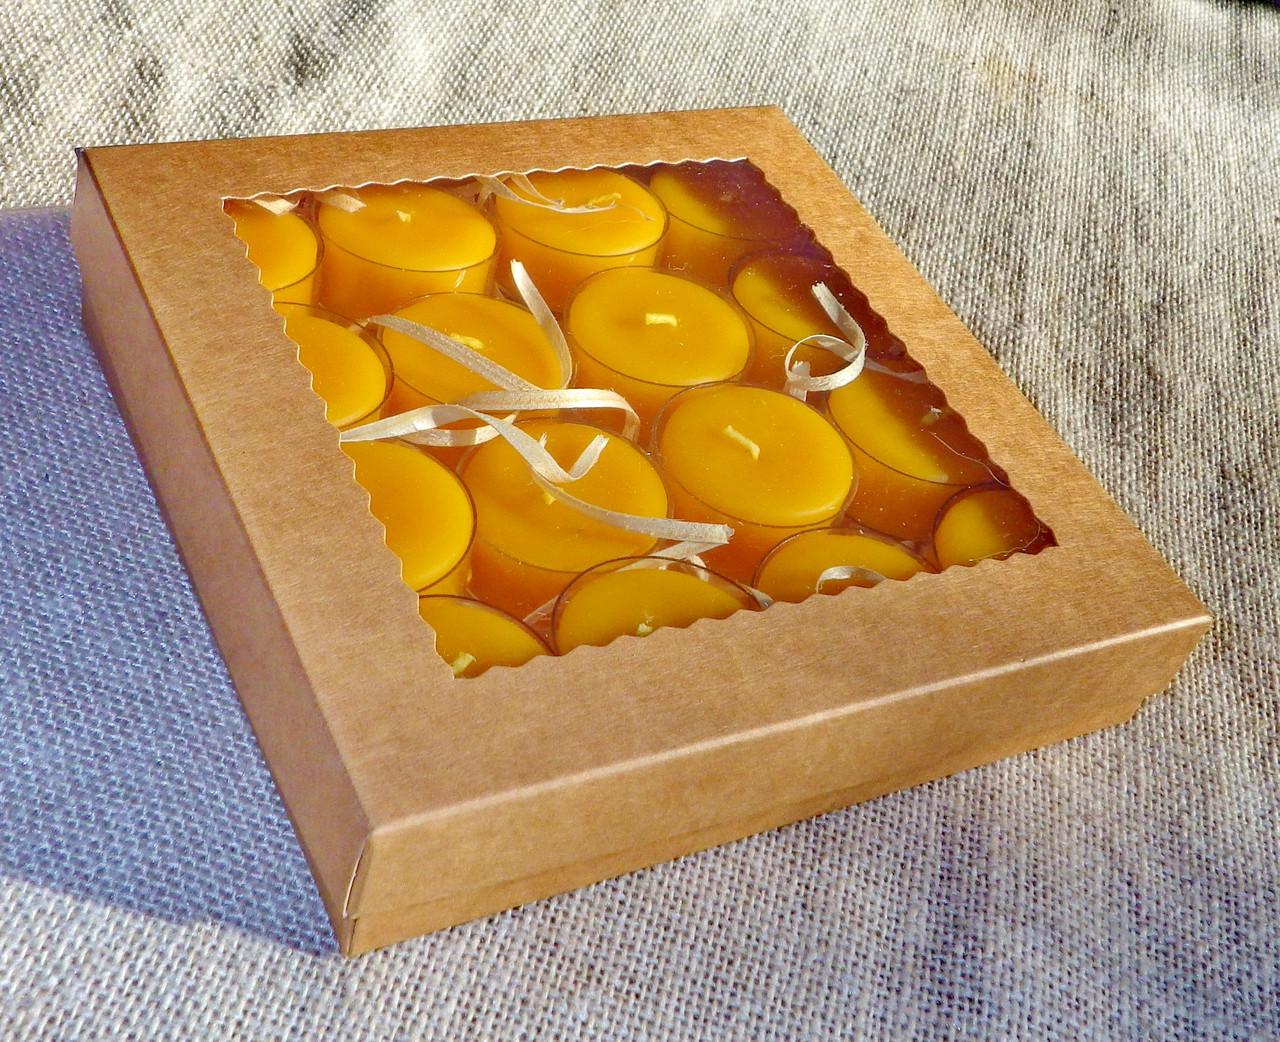 Подарочный набор круглых чайных восковых свечей 15г (16шт.) в коробке Бежевый Крафт